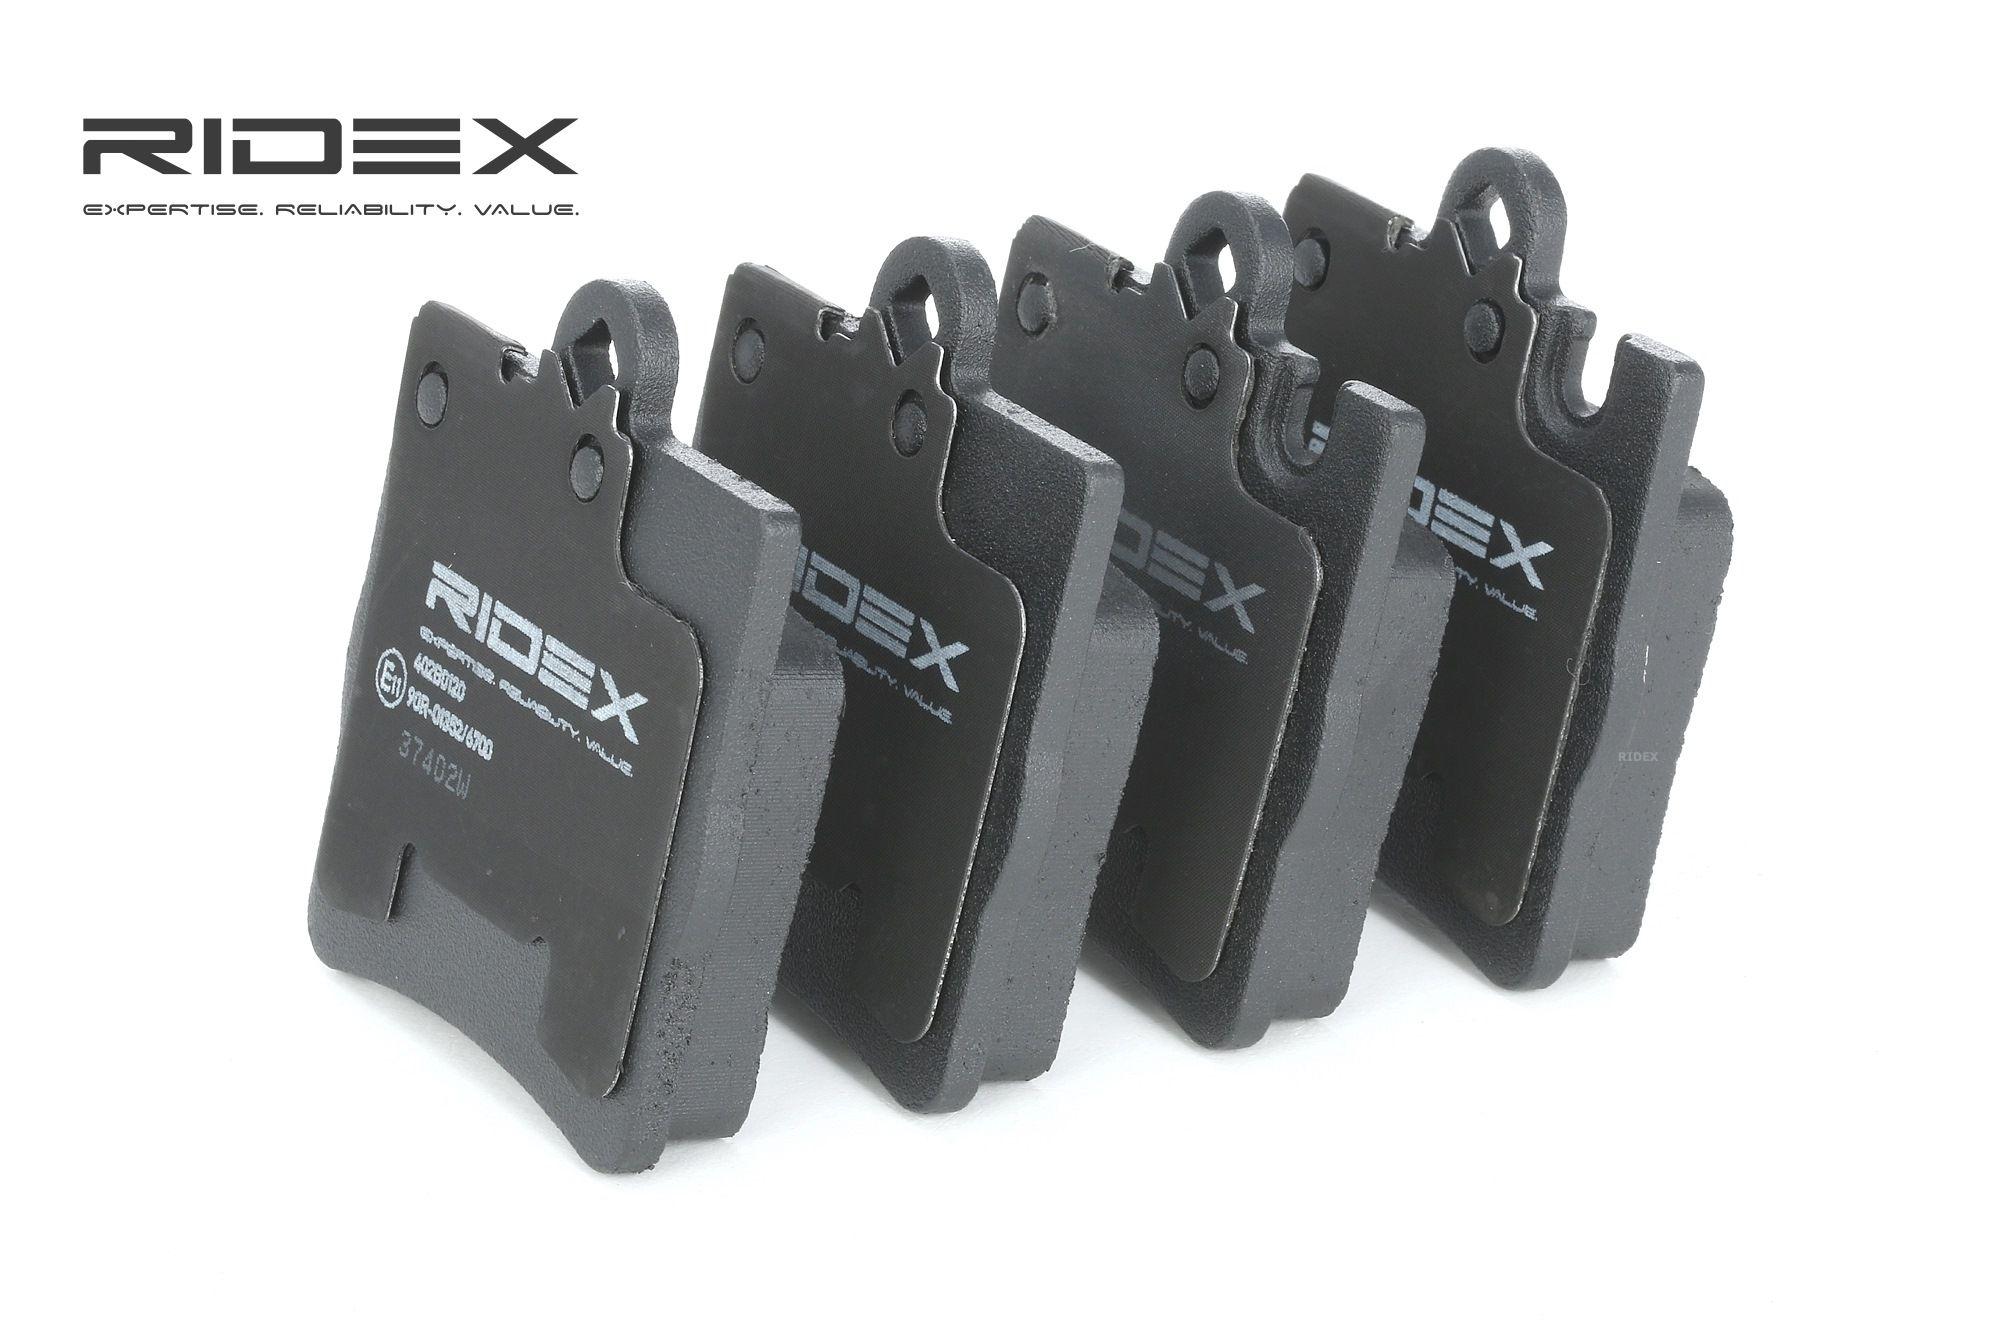 MERCEDES-BENZ CLC 2010 Bremsbelagsatz - Original RIDEX 402B0120 Höhe: 78,2mm, Breite: 63,7mm, Dicke/Stärke: 15,3mm